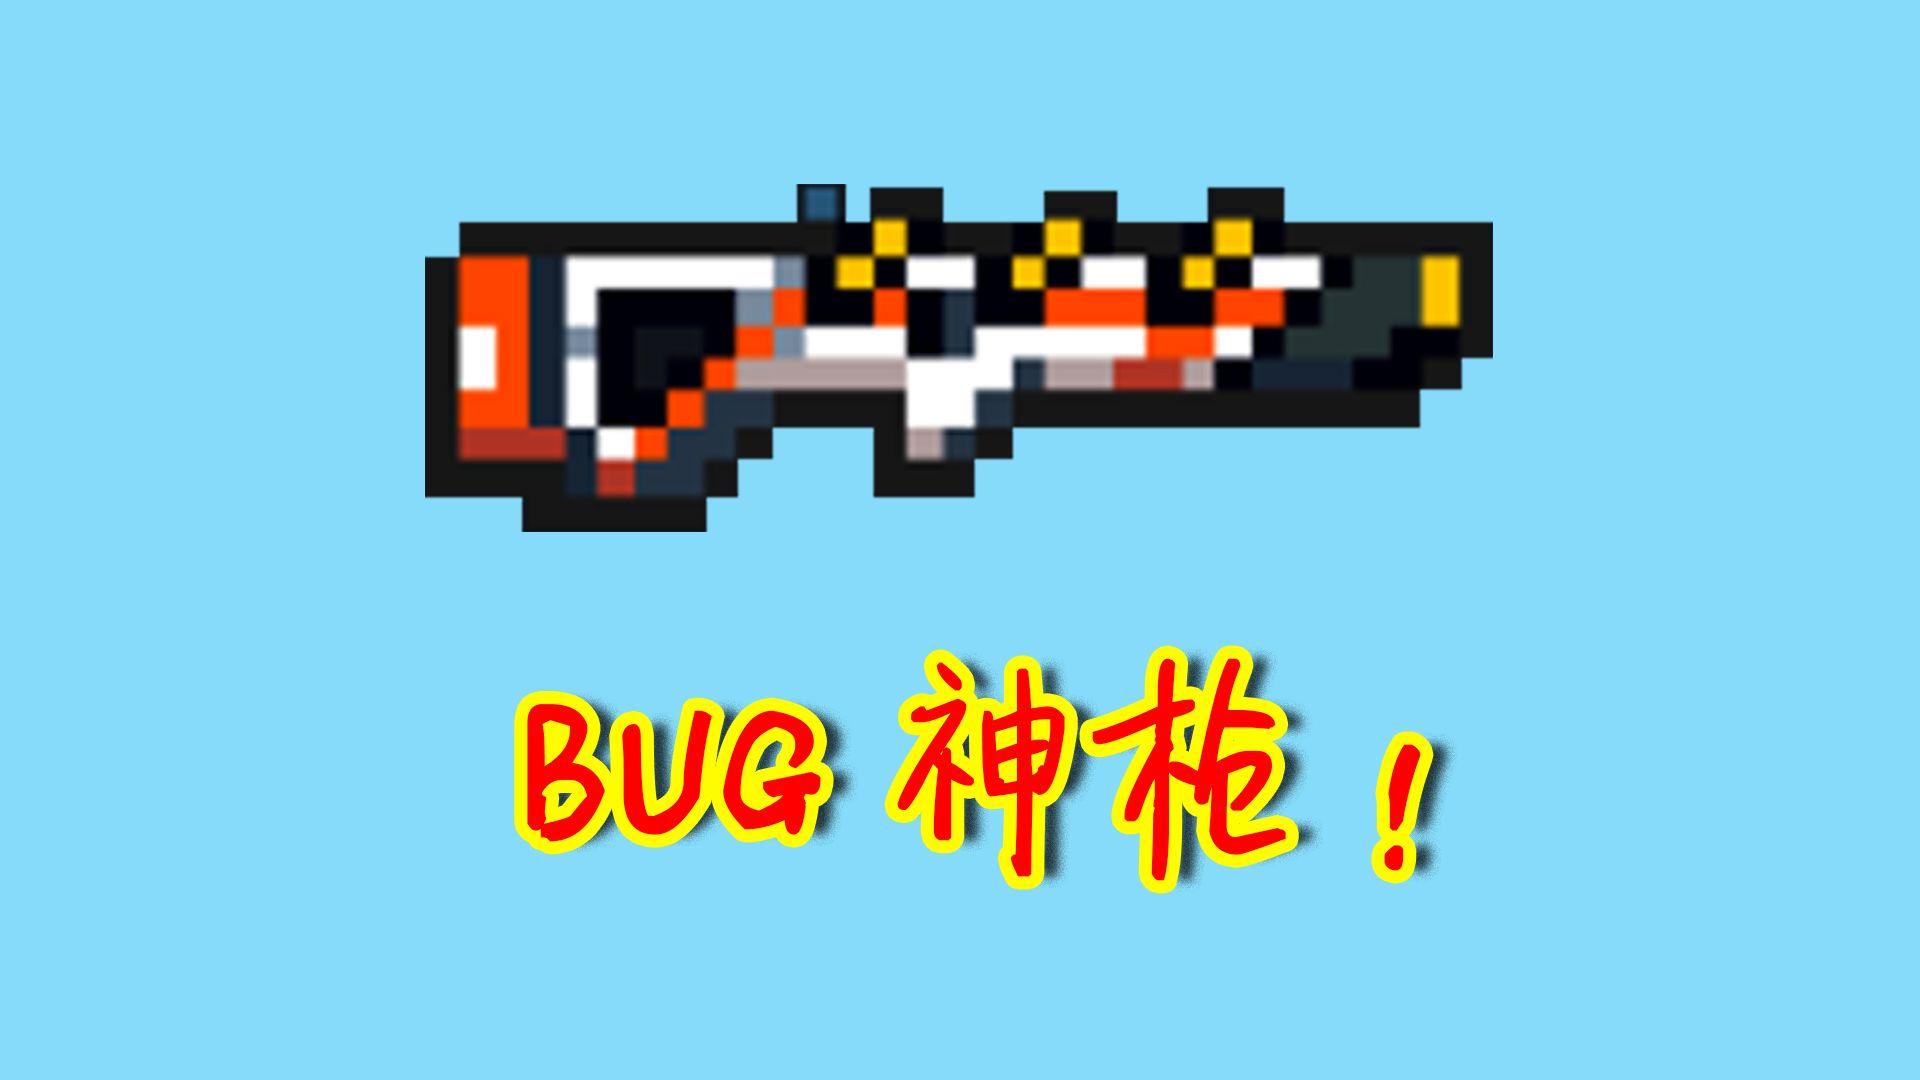 元气骑士:BUG神枪耗蓝神器?零配秒伤超200,所有的红武靠边站![视频][多图]图片1